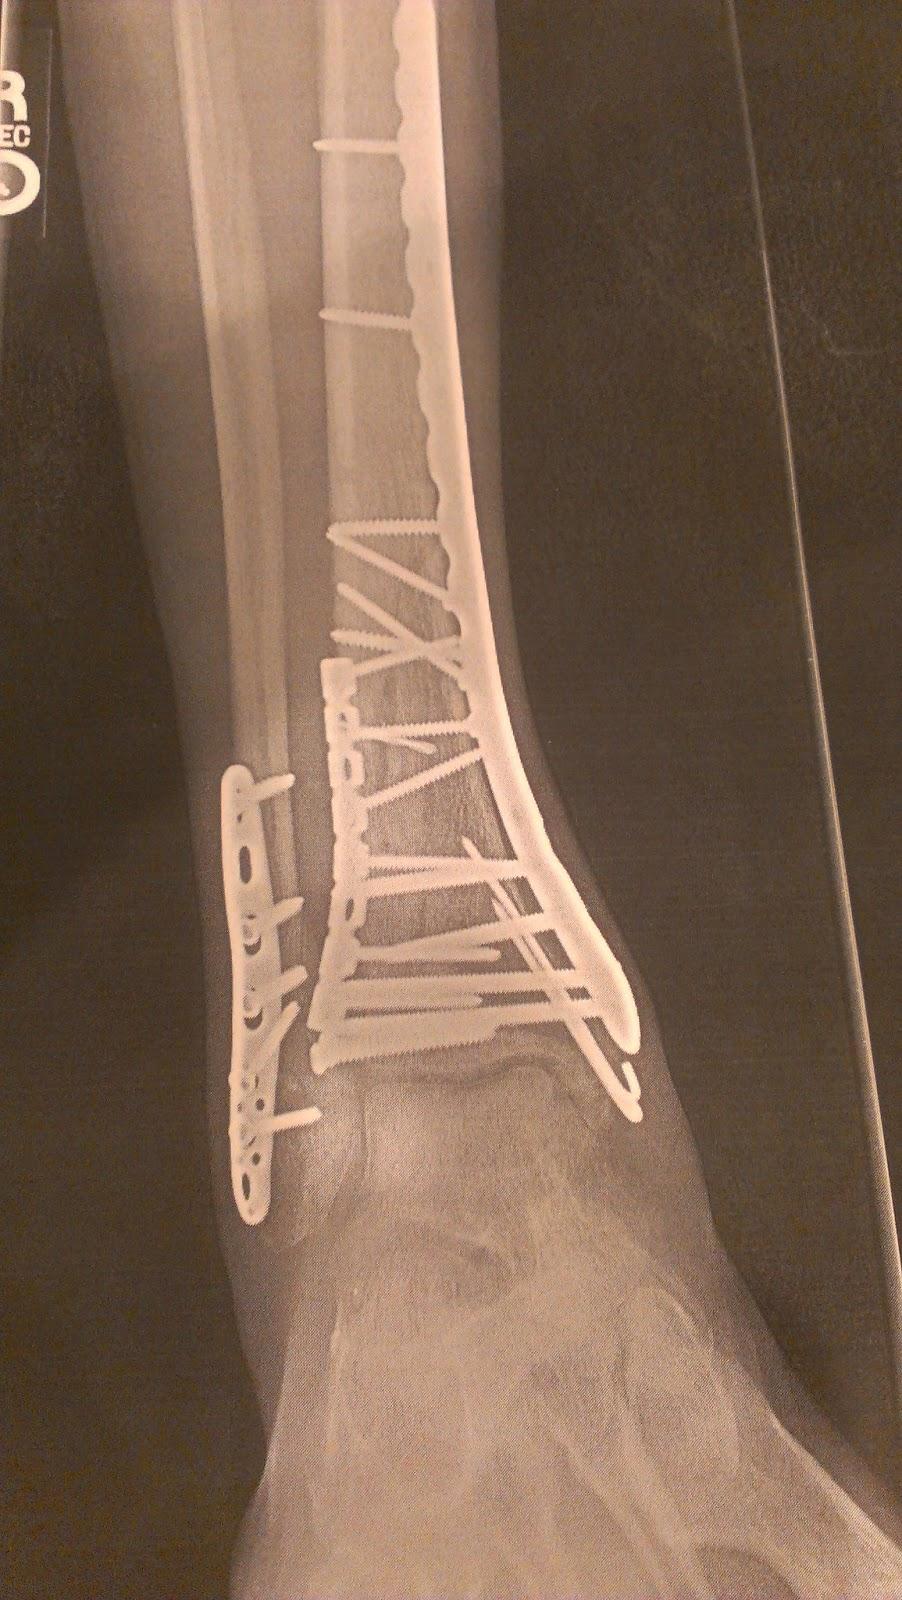 Talus Bone Fracture - Fracture Treatment